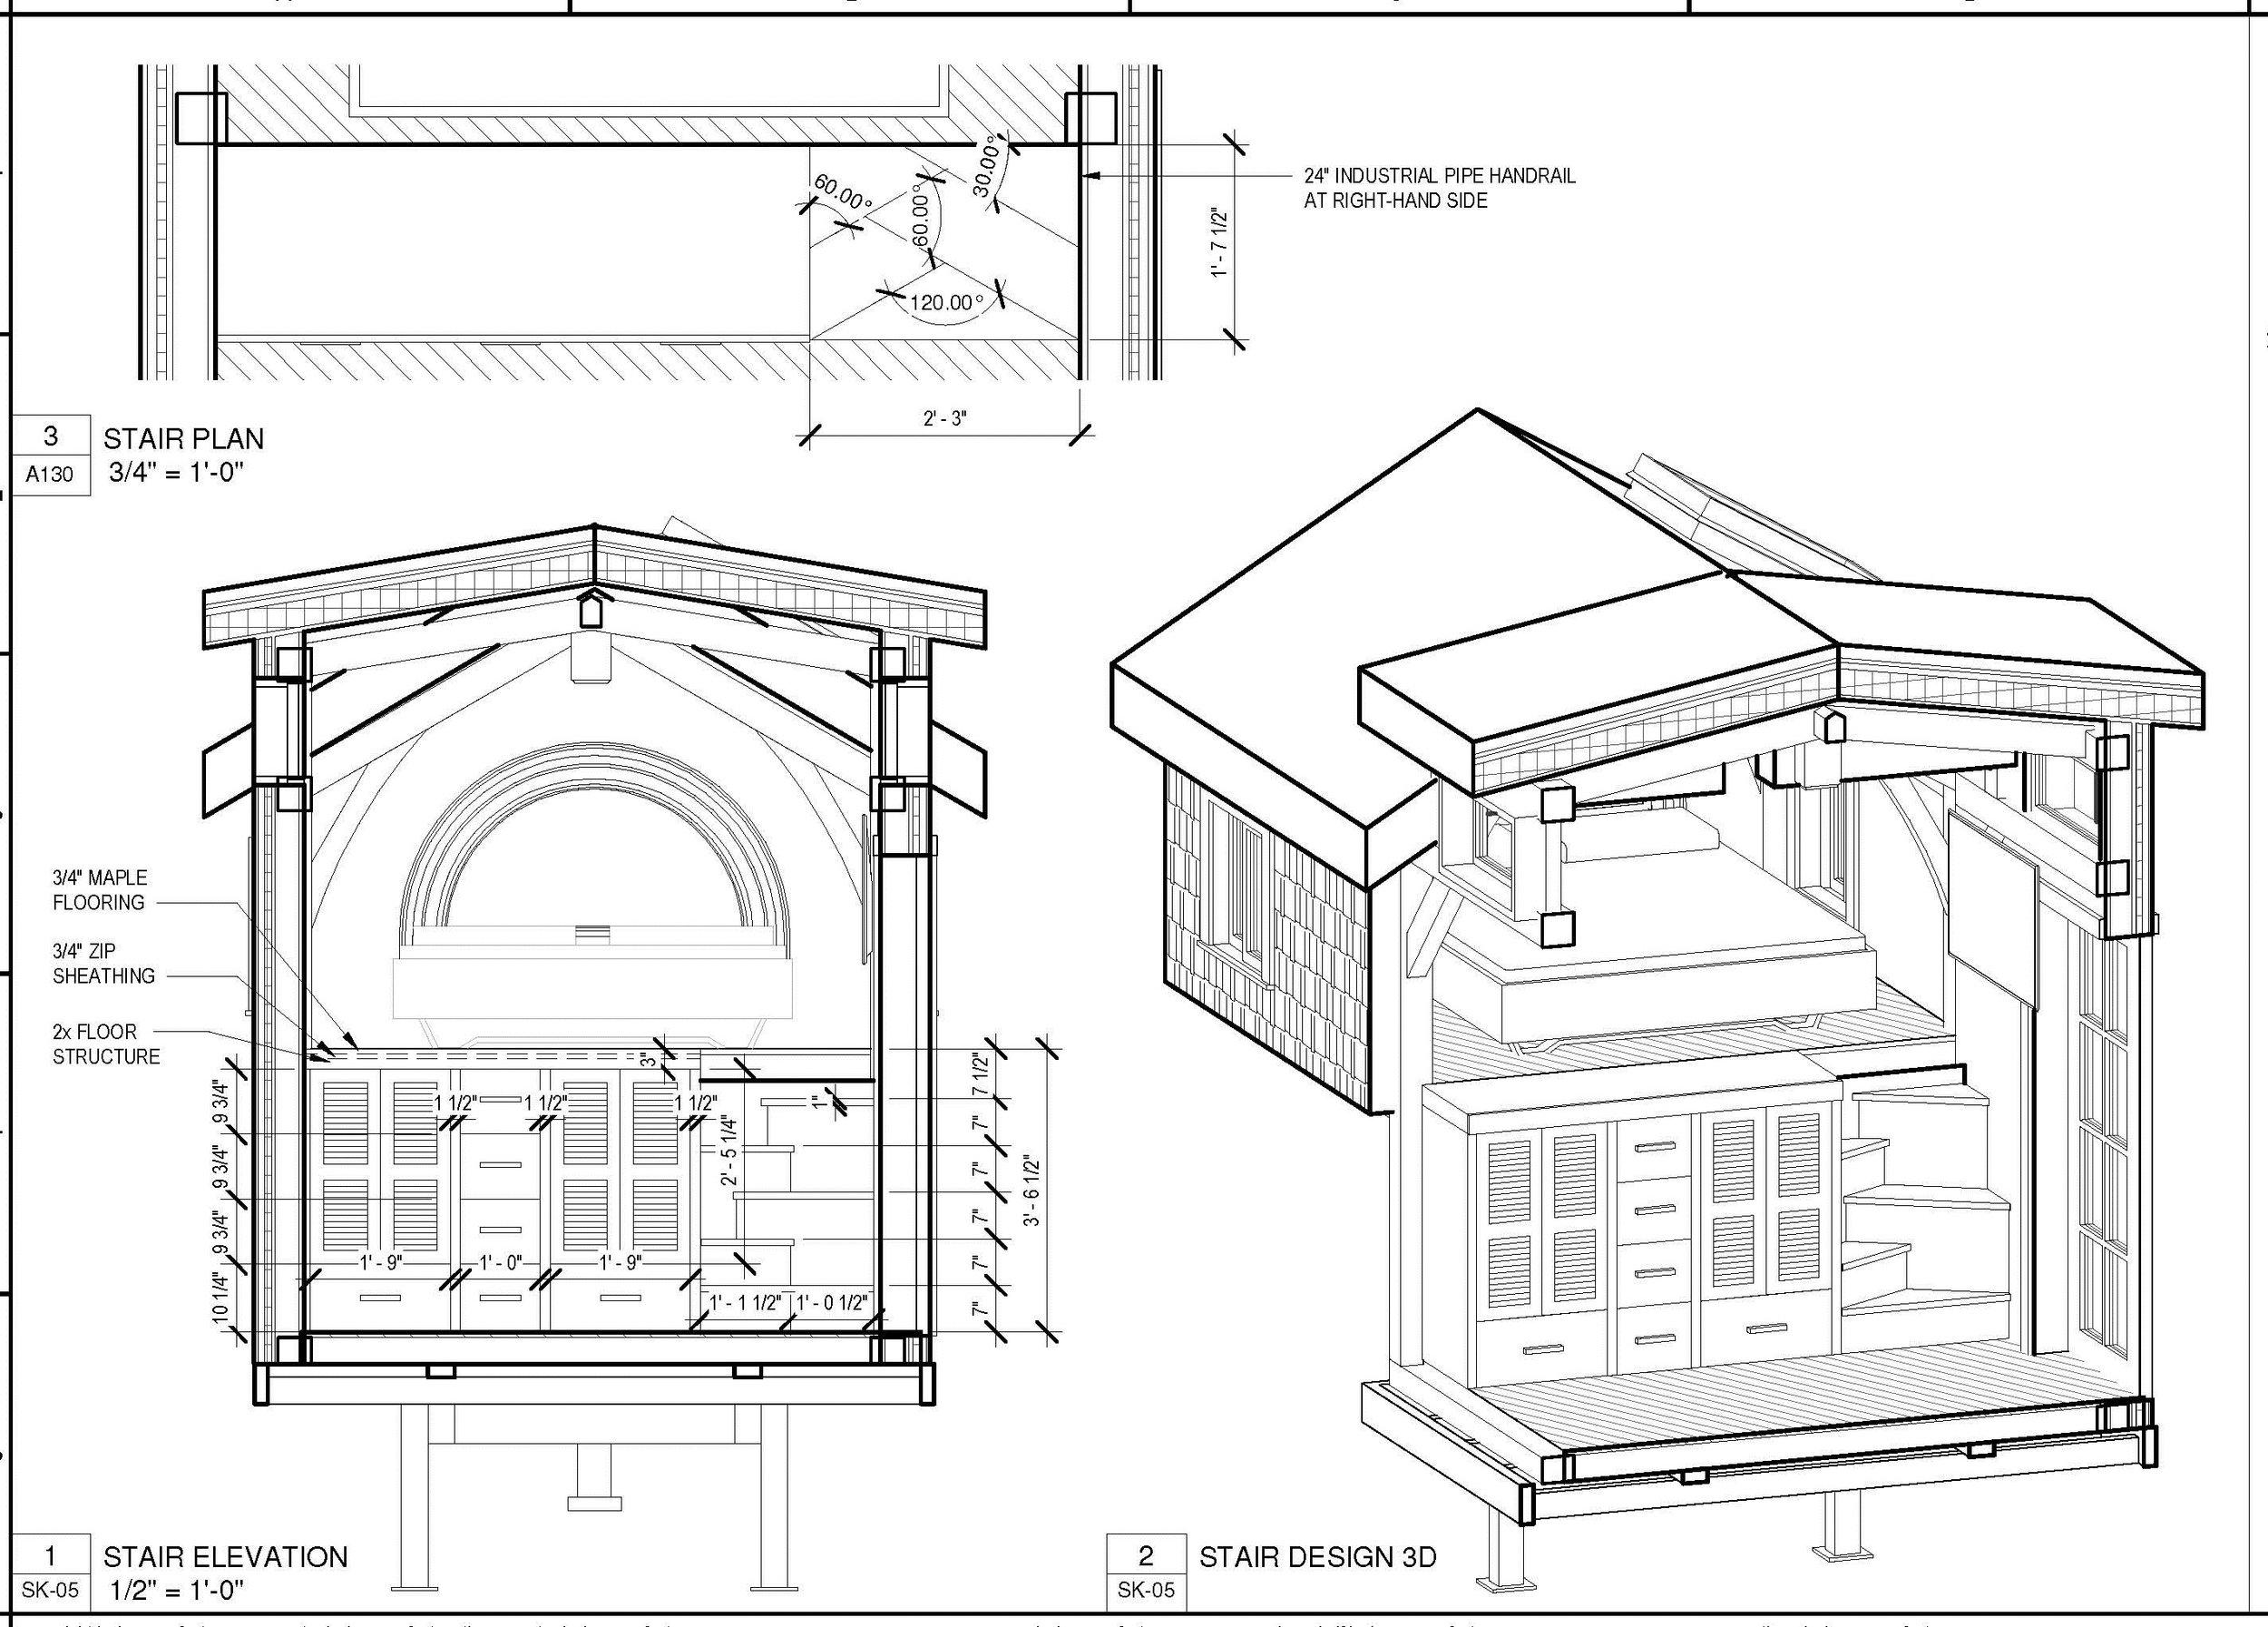 WARDROBE & STAIR DESIGN